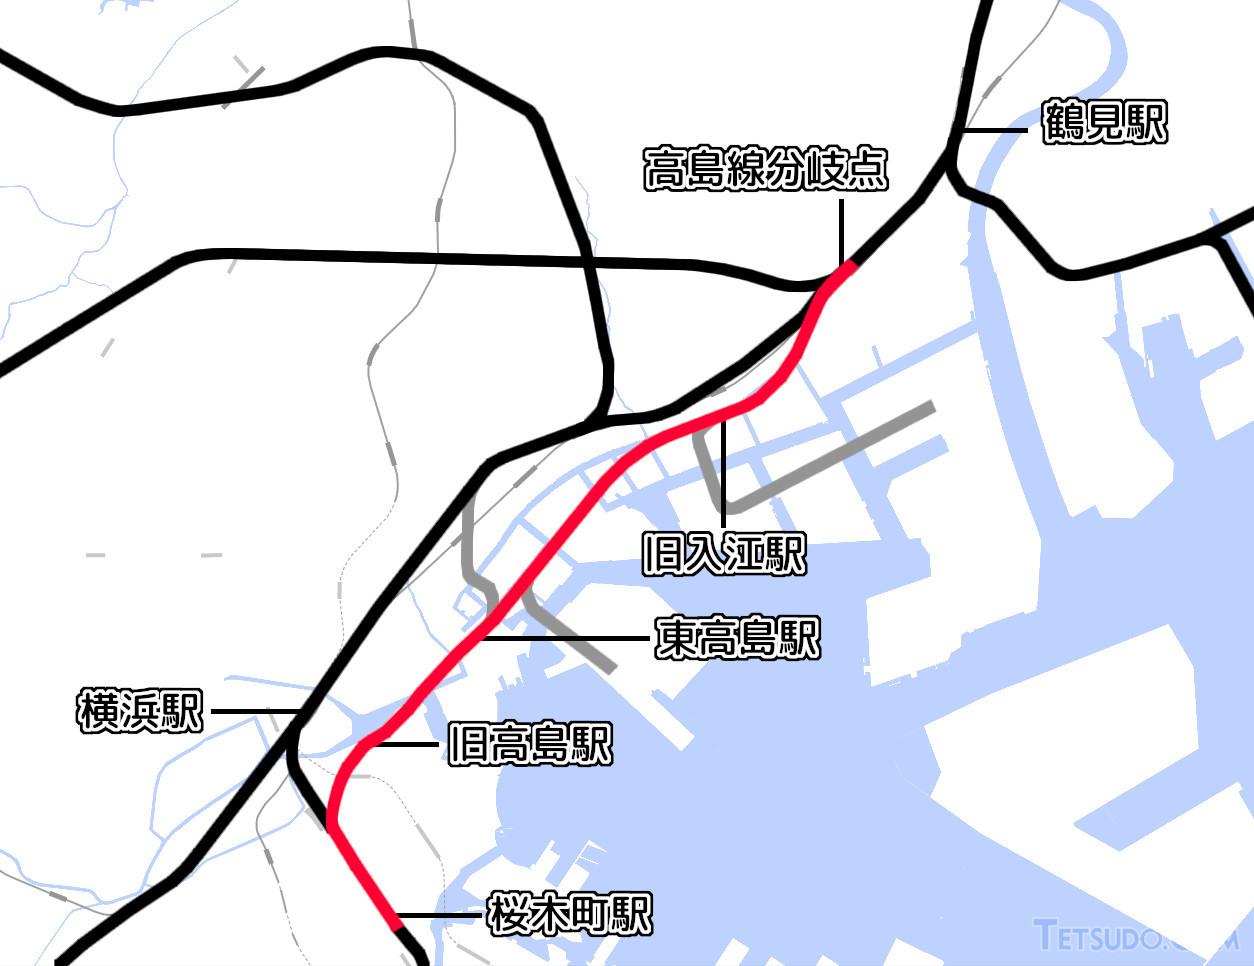 高島線の路線図(国土地理院「地理院地図Vector」の淡色地図に加筆)